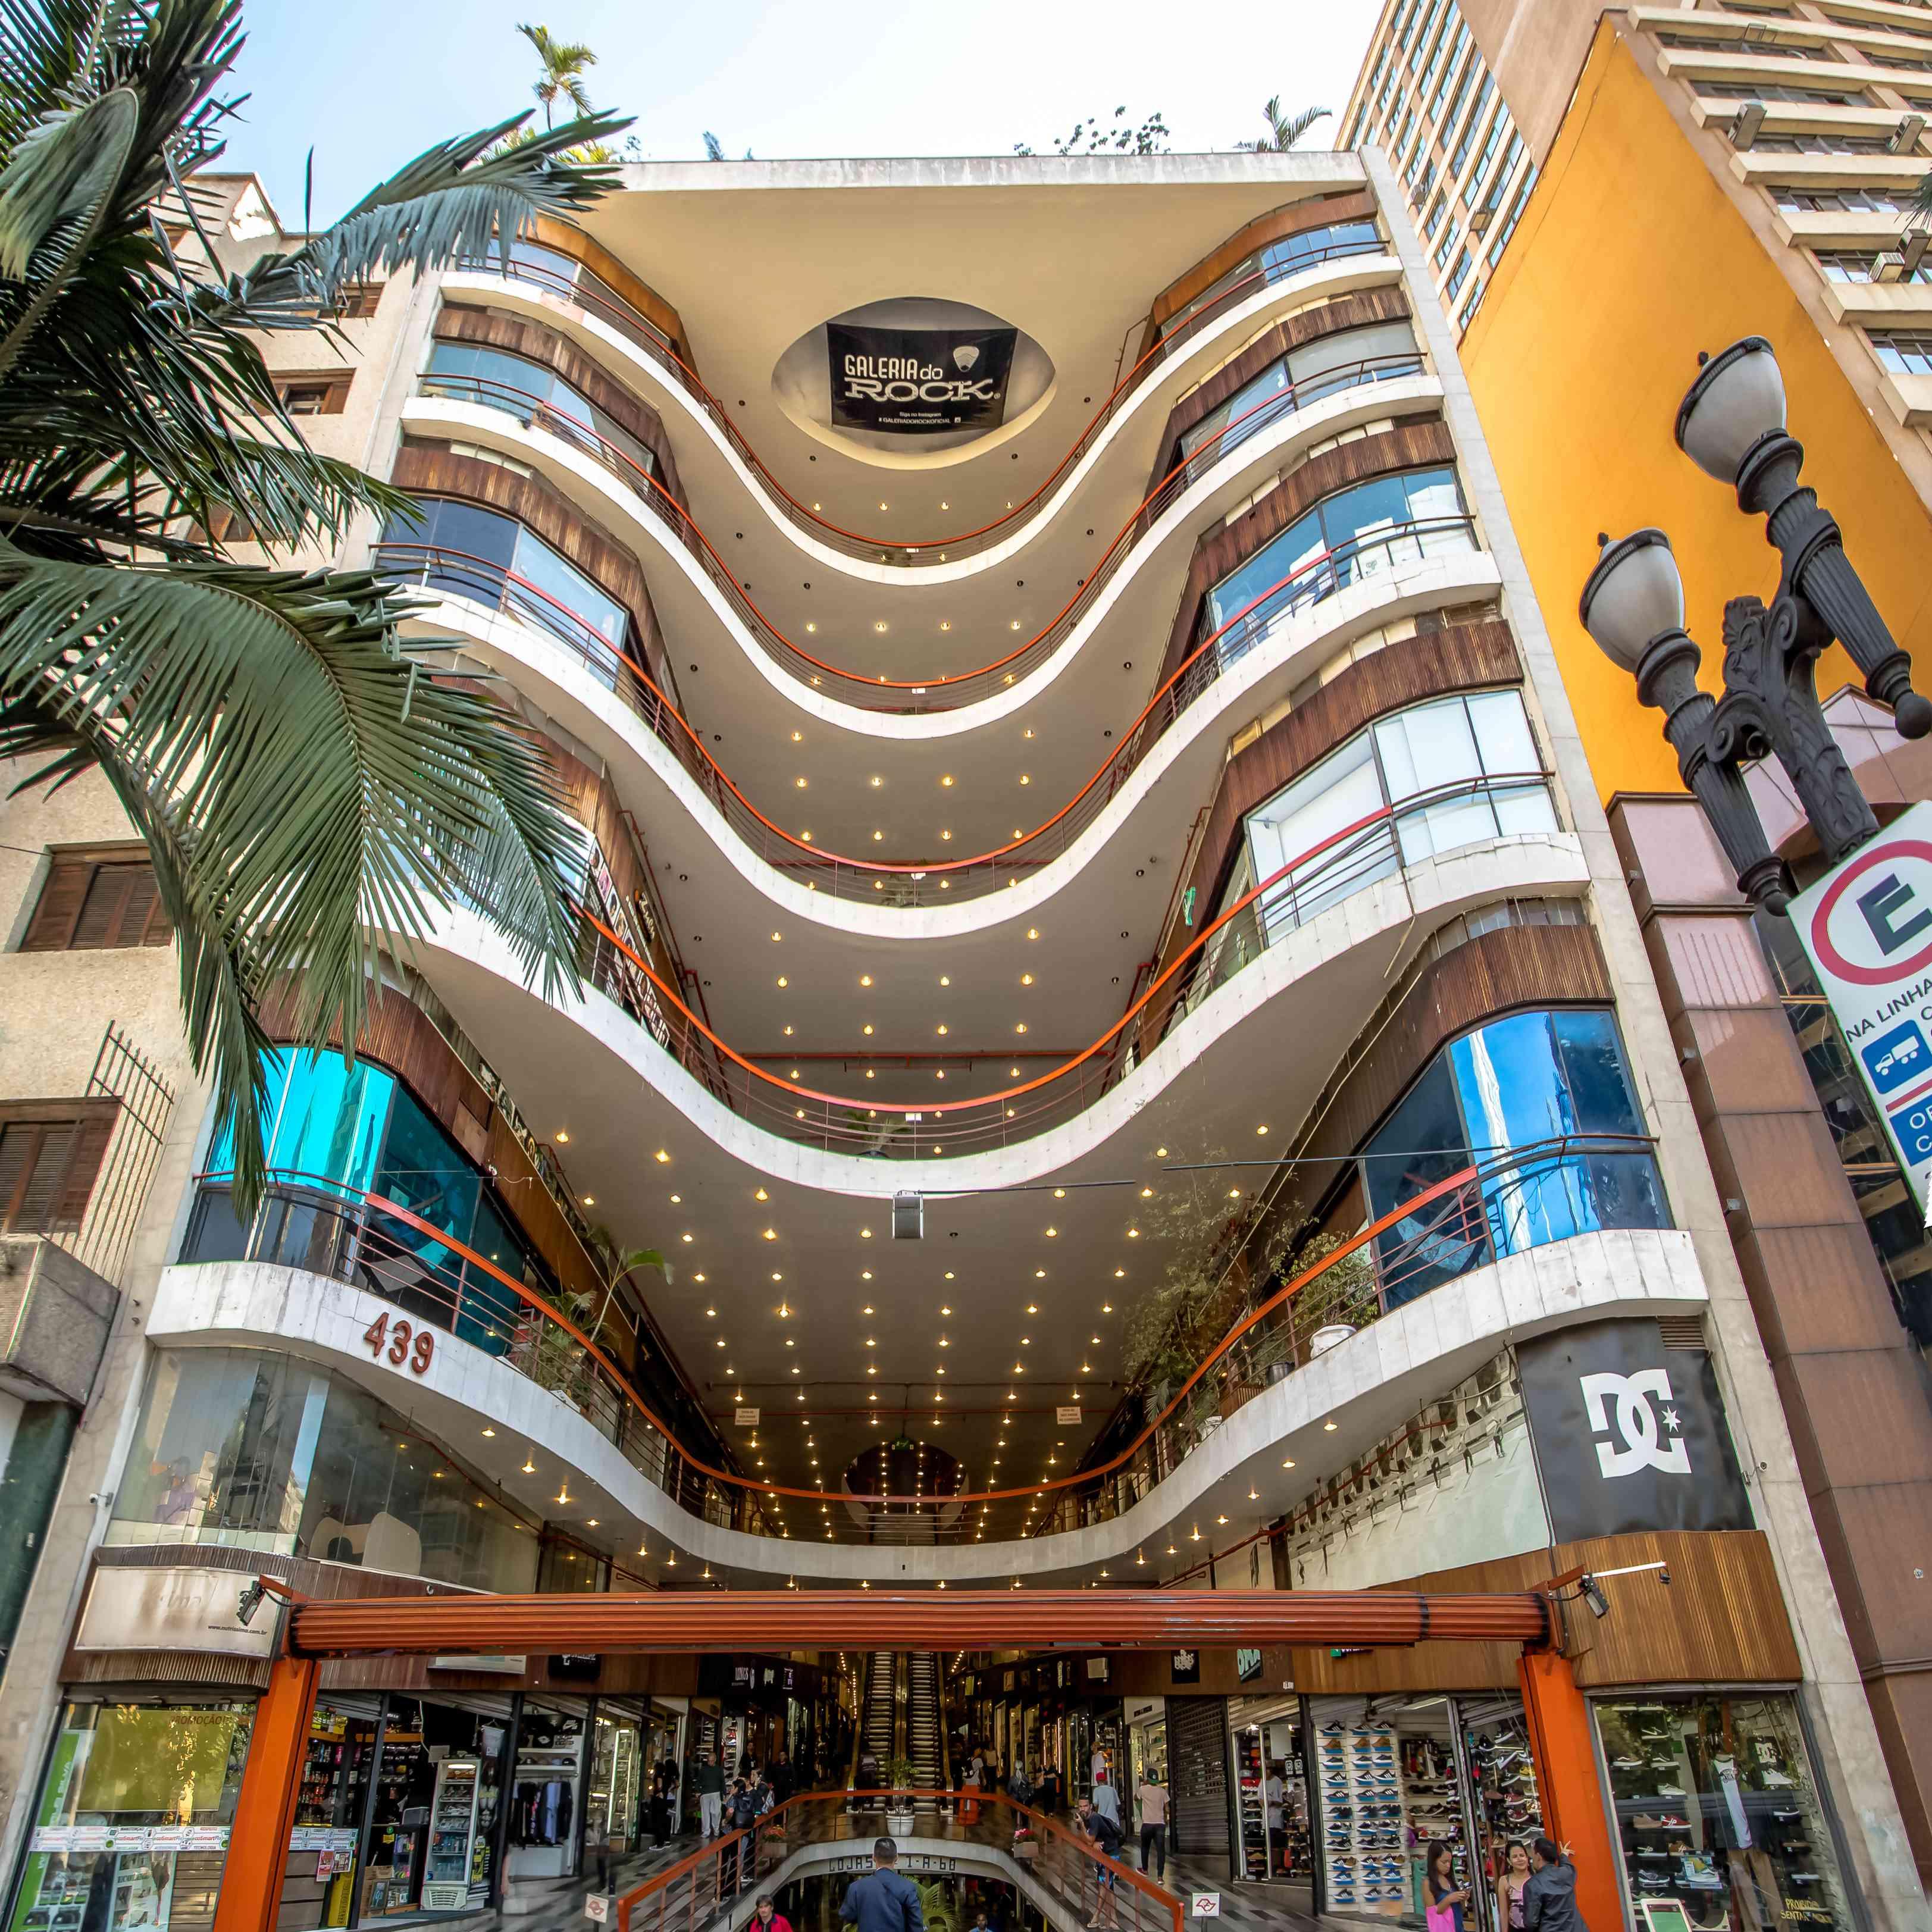 7-floor Galeria do Rock (Rock Gallery) Shopping Mall Facade in Downtown Sao Paulo